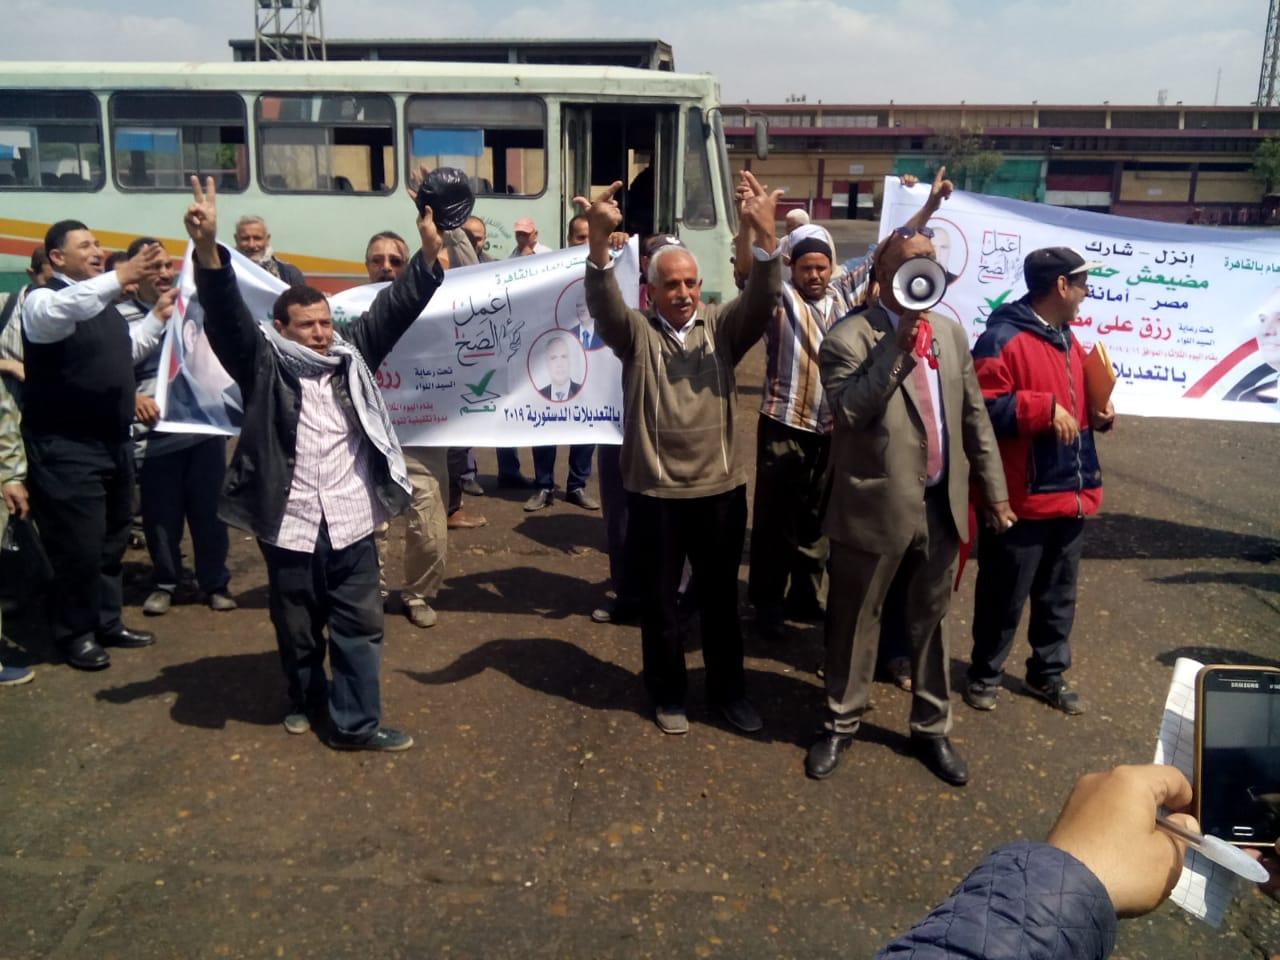 عمال هيئة النقل العام بالقاهرة يشاركون فى استفتاء الدستور (4)